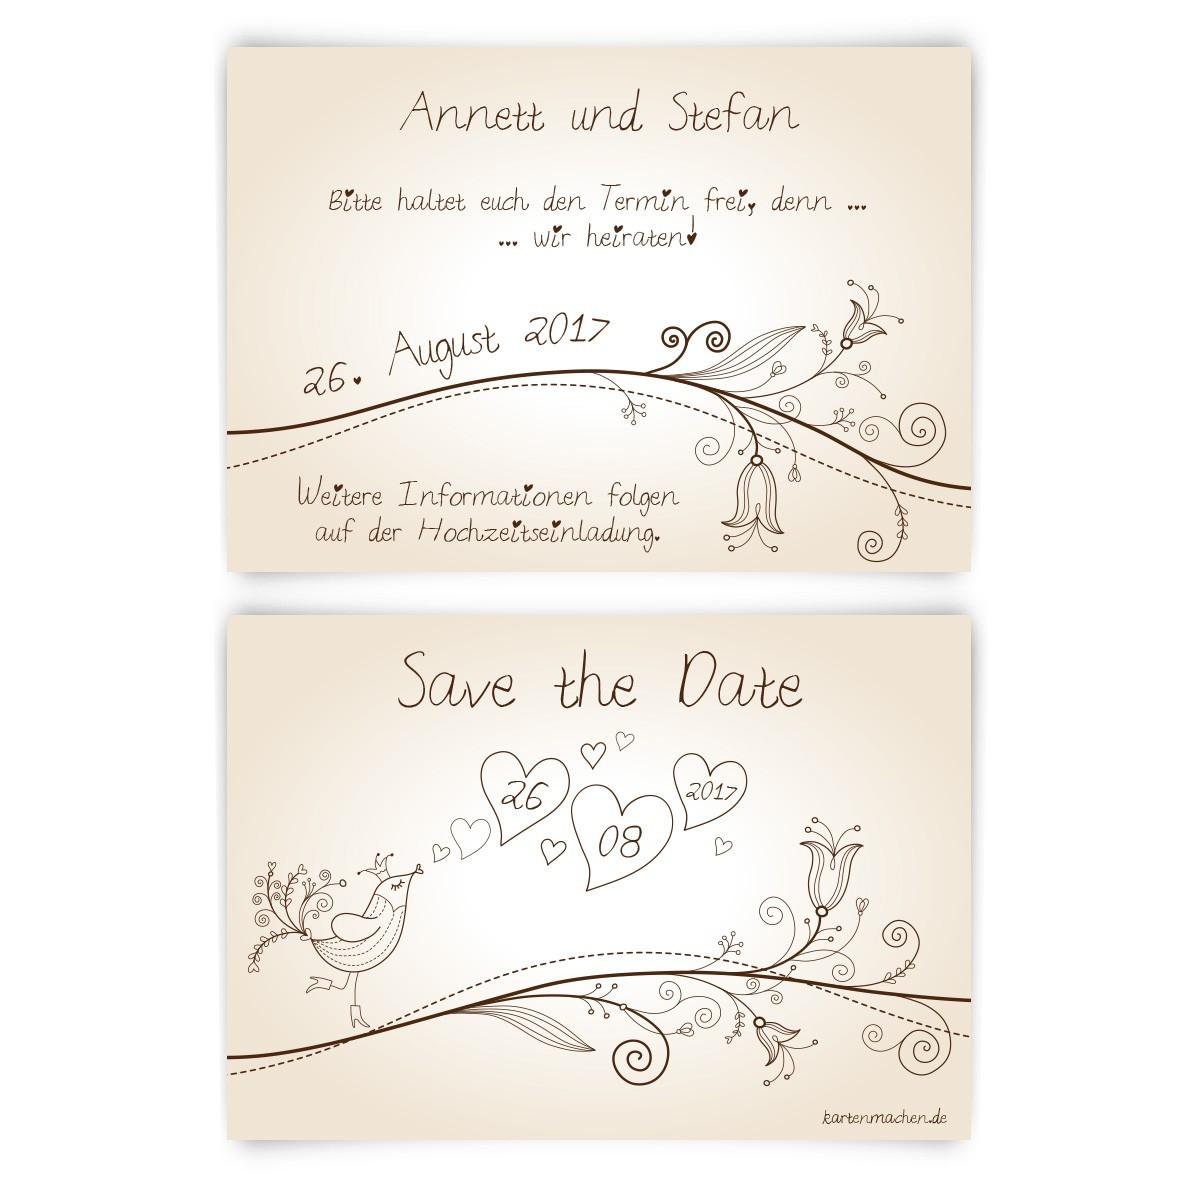 Save The Date Karten Hochzeit  Save the Date Karten zur Hochzeit Liebesbaum